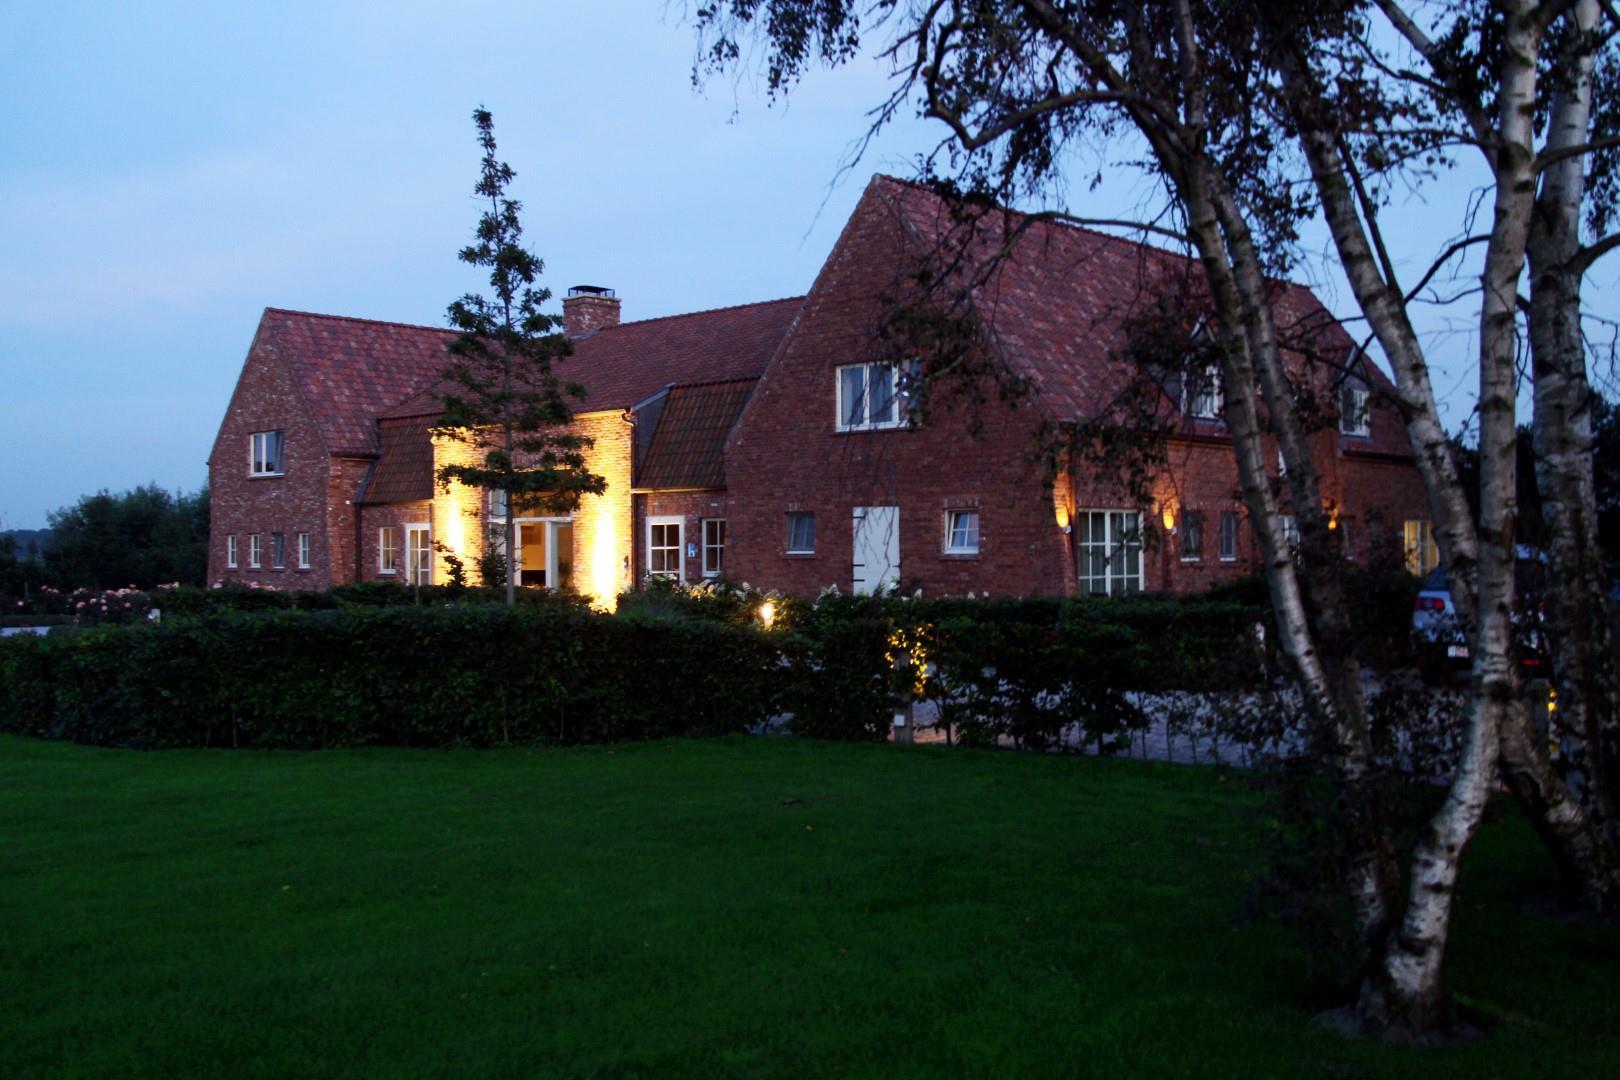 Huyshoeve Hotel